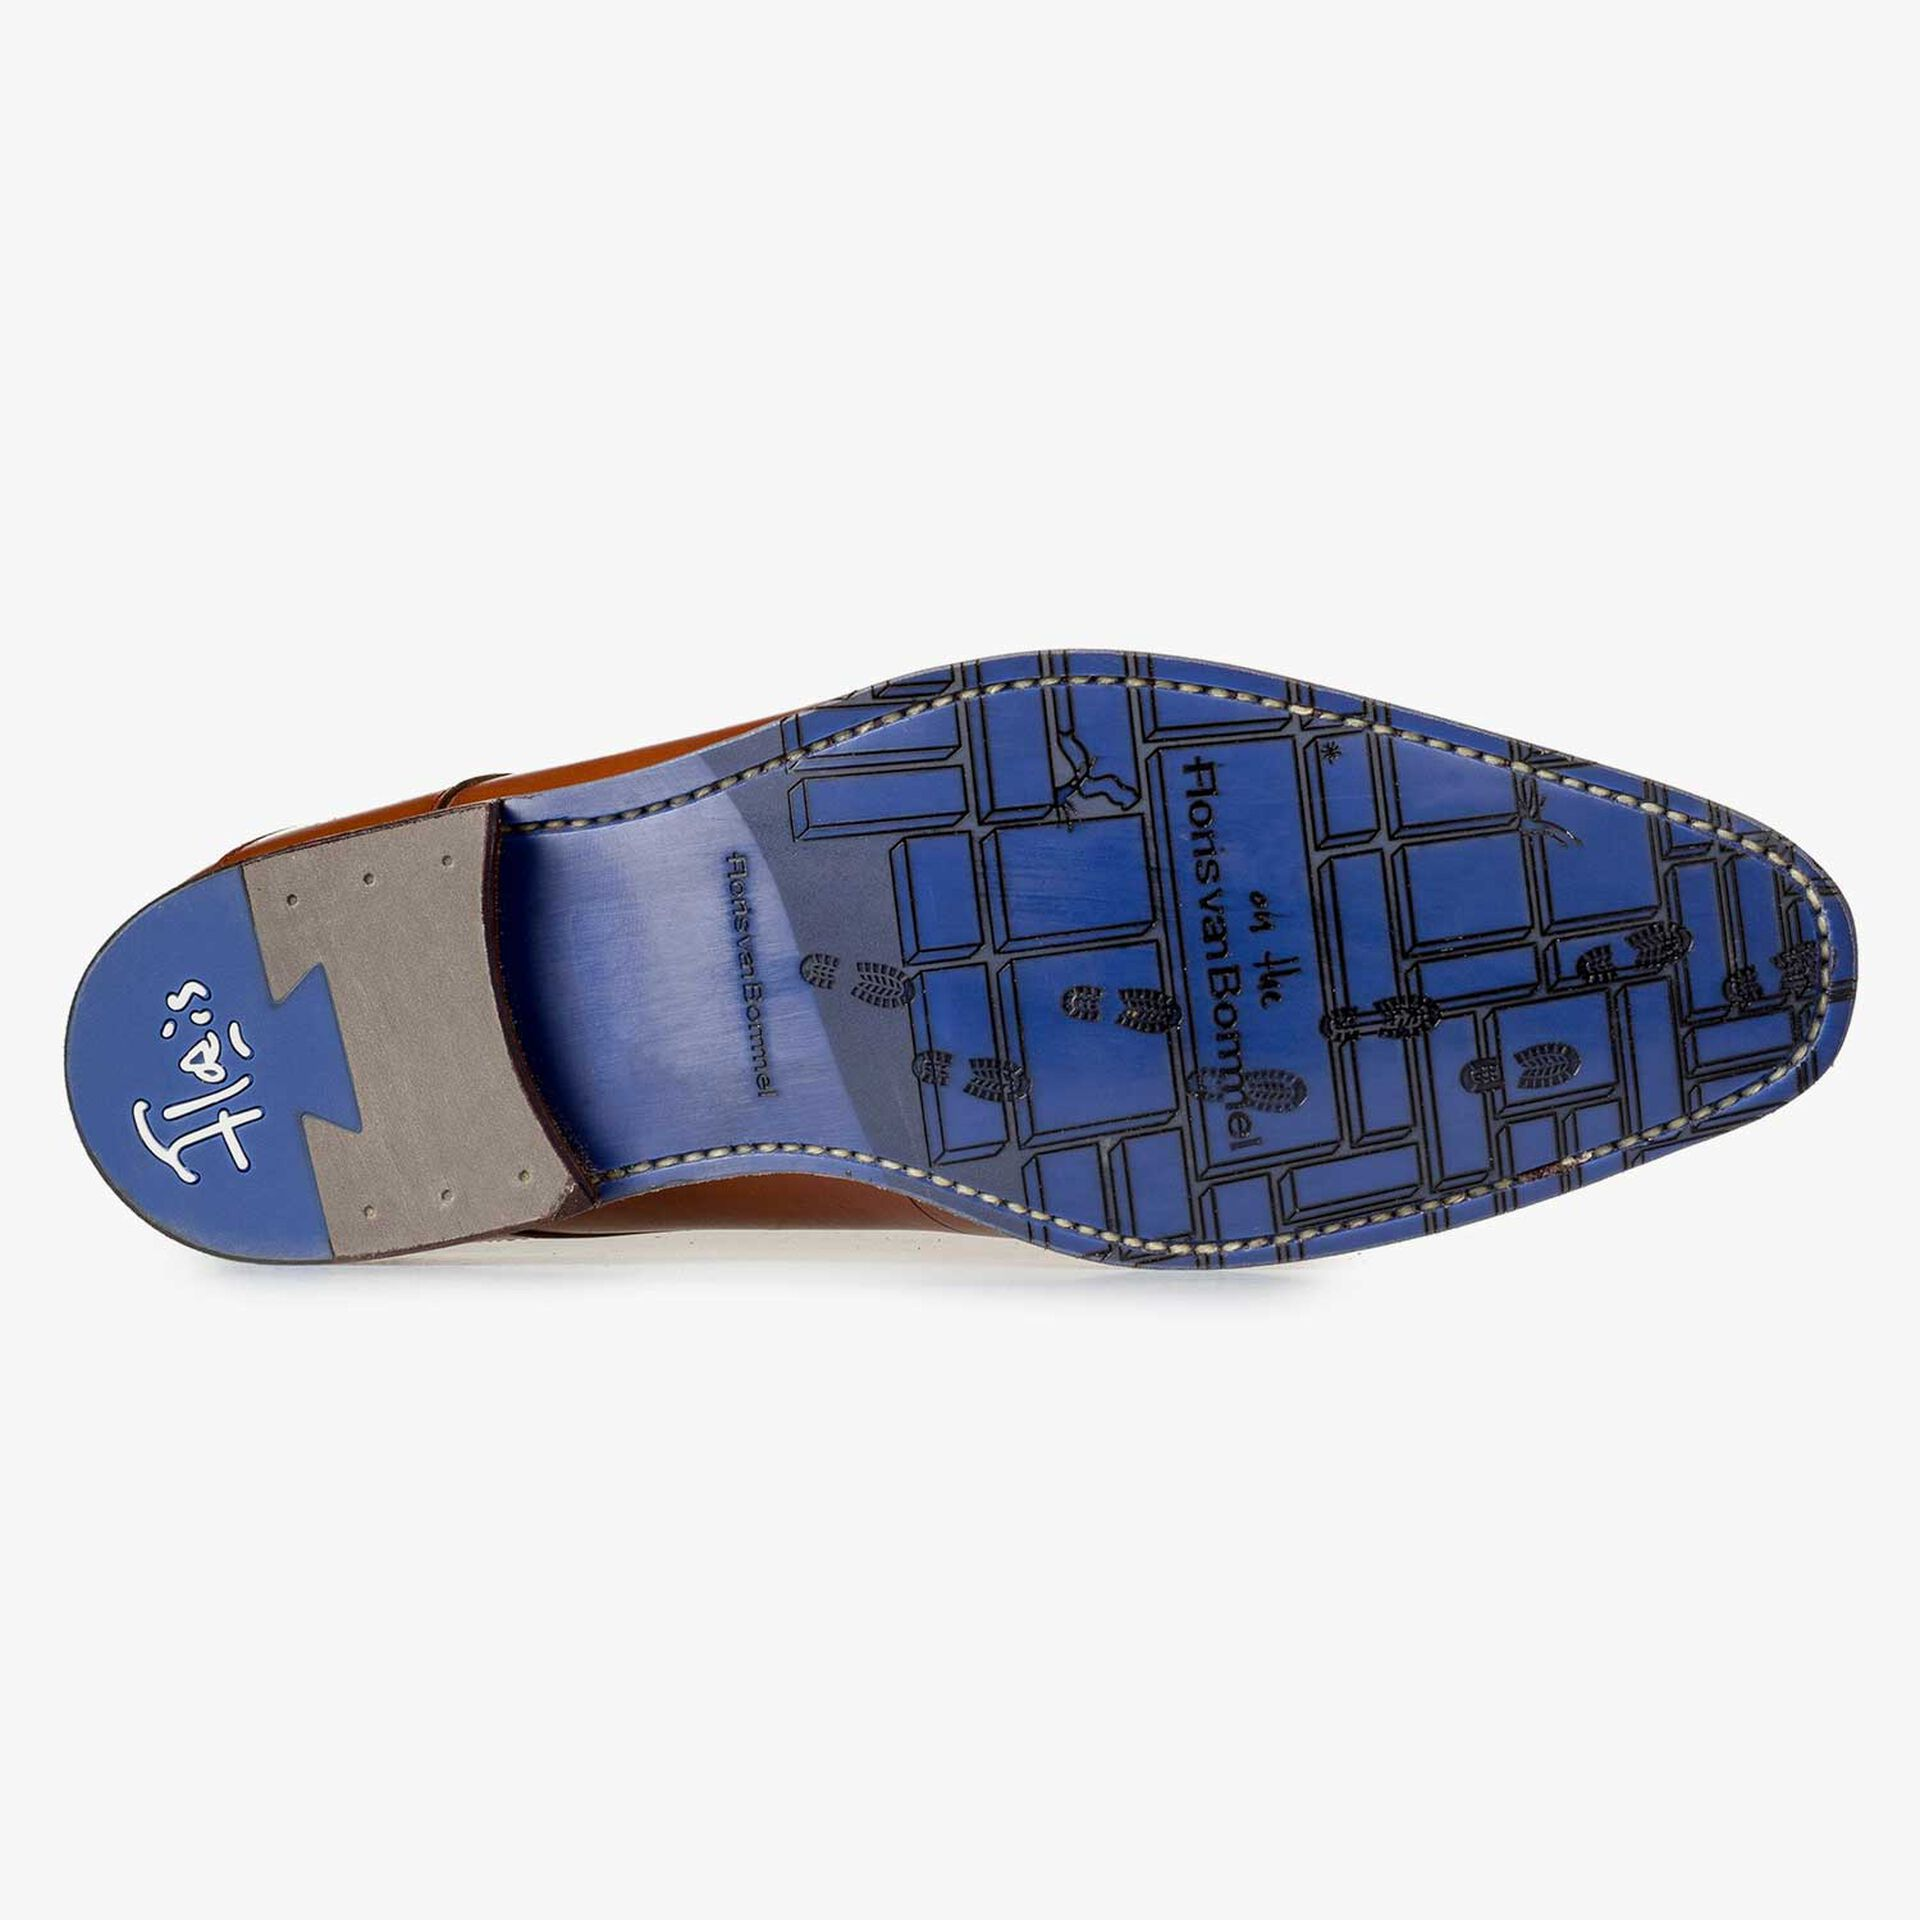 Cognac-coloured lace shoe with laser-cut print